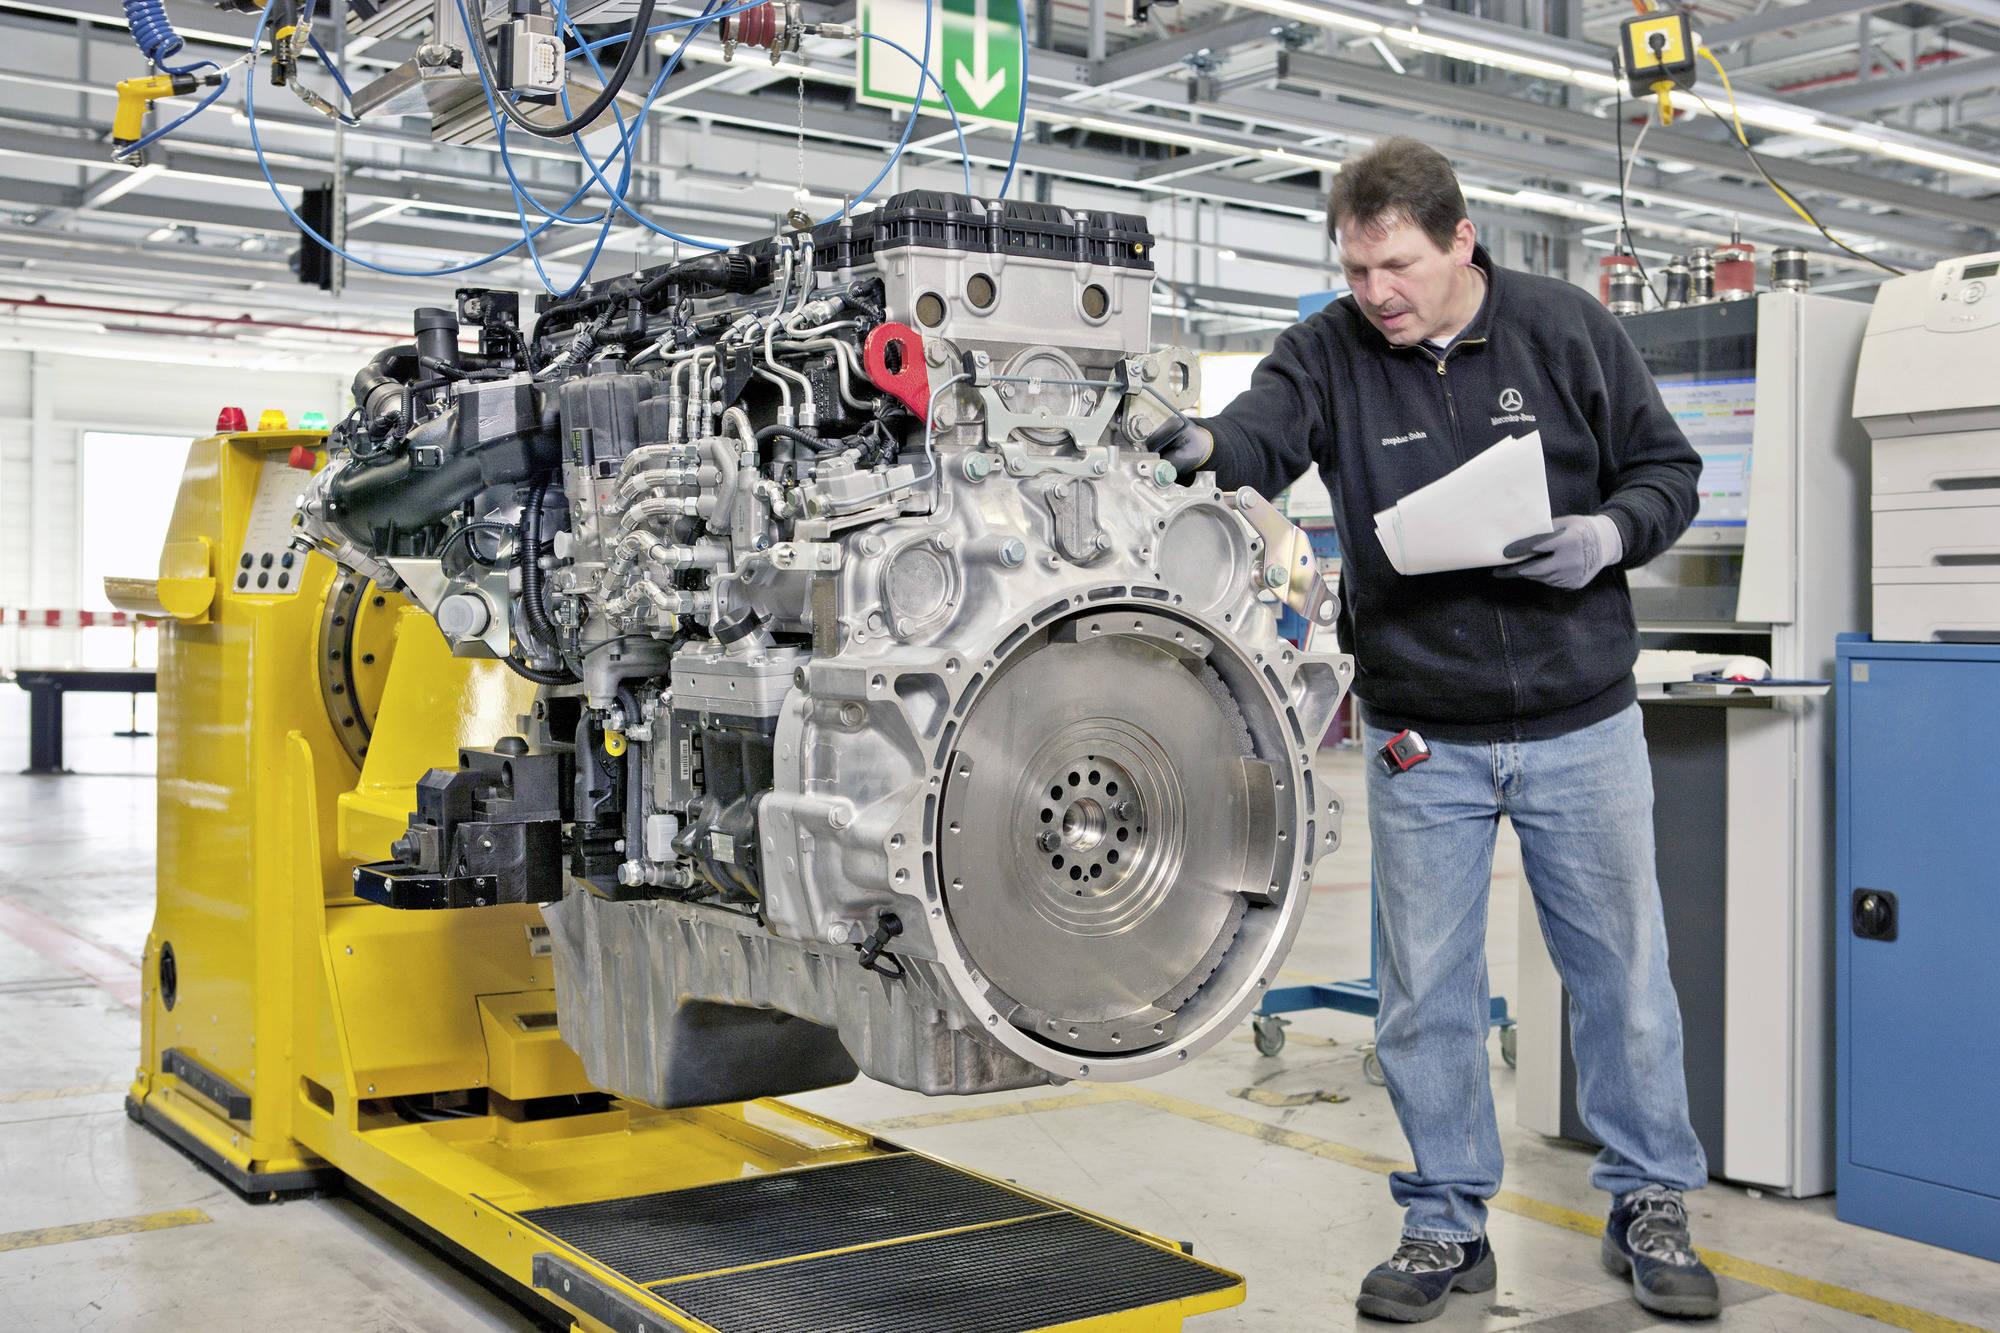 Weniger leiharbeiter transco mitarbeiter bekommen mehr for Daimler mitarbeiter angebote